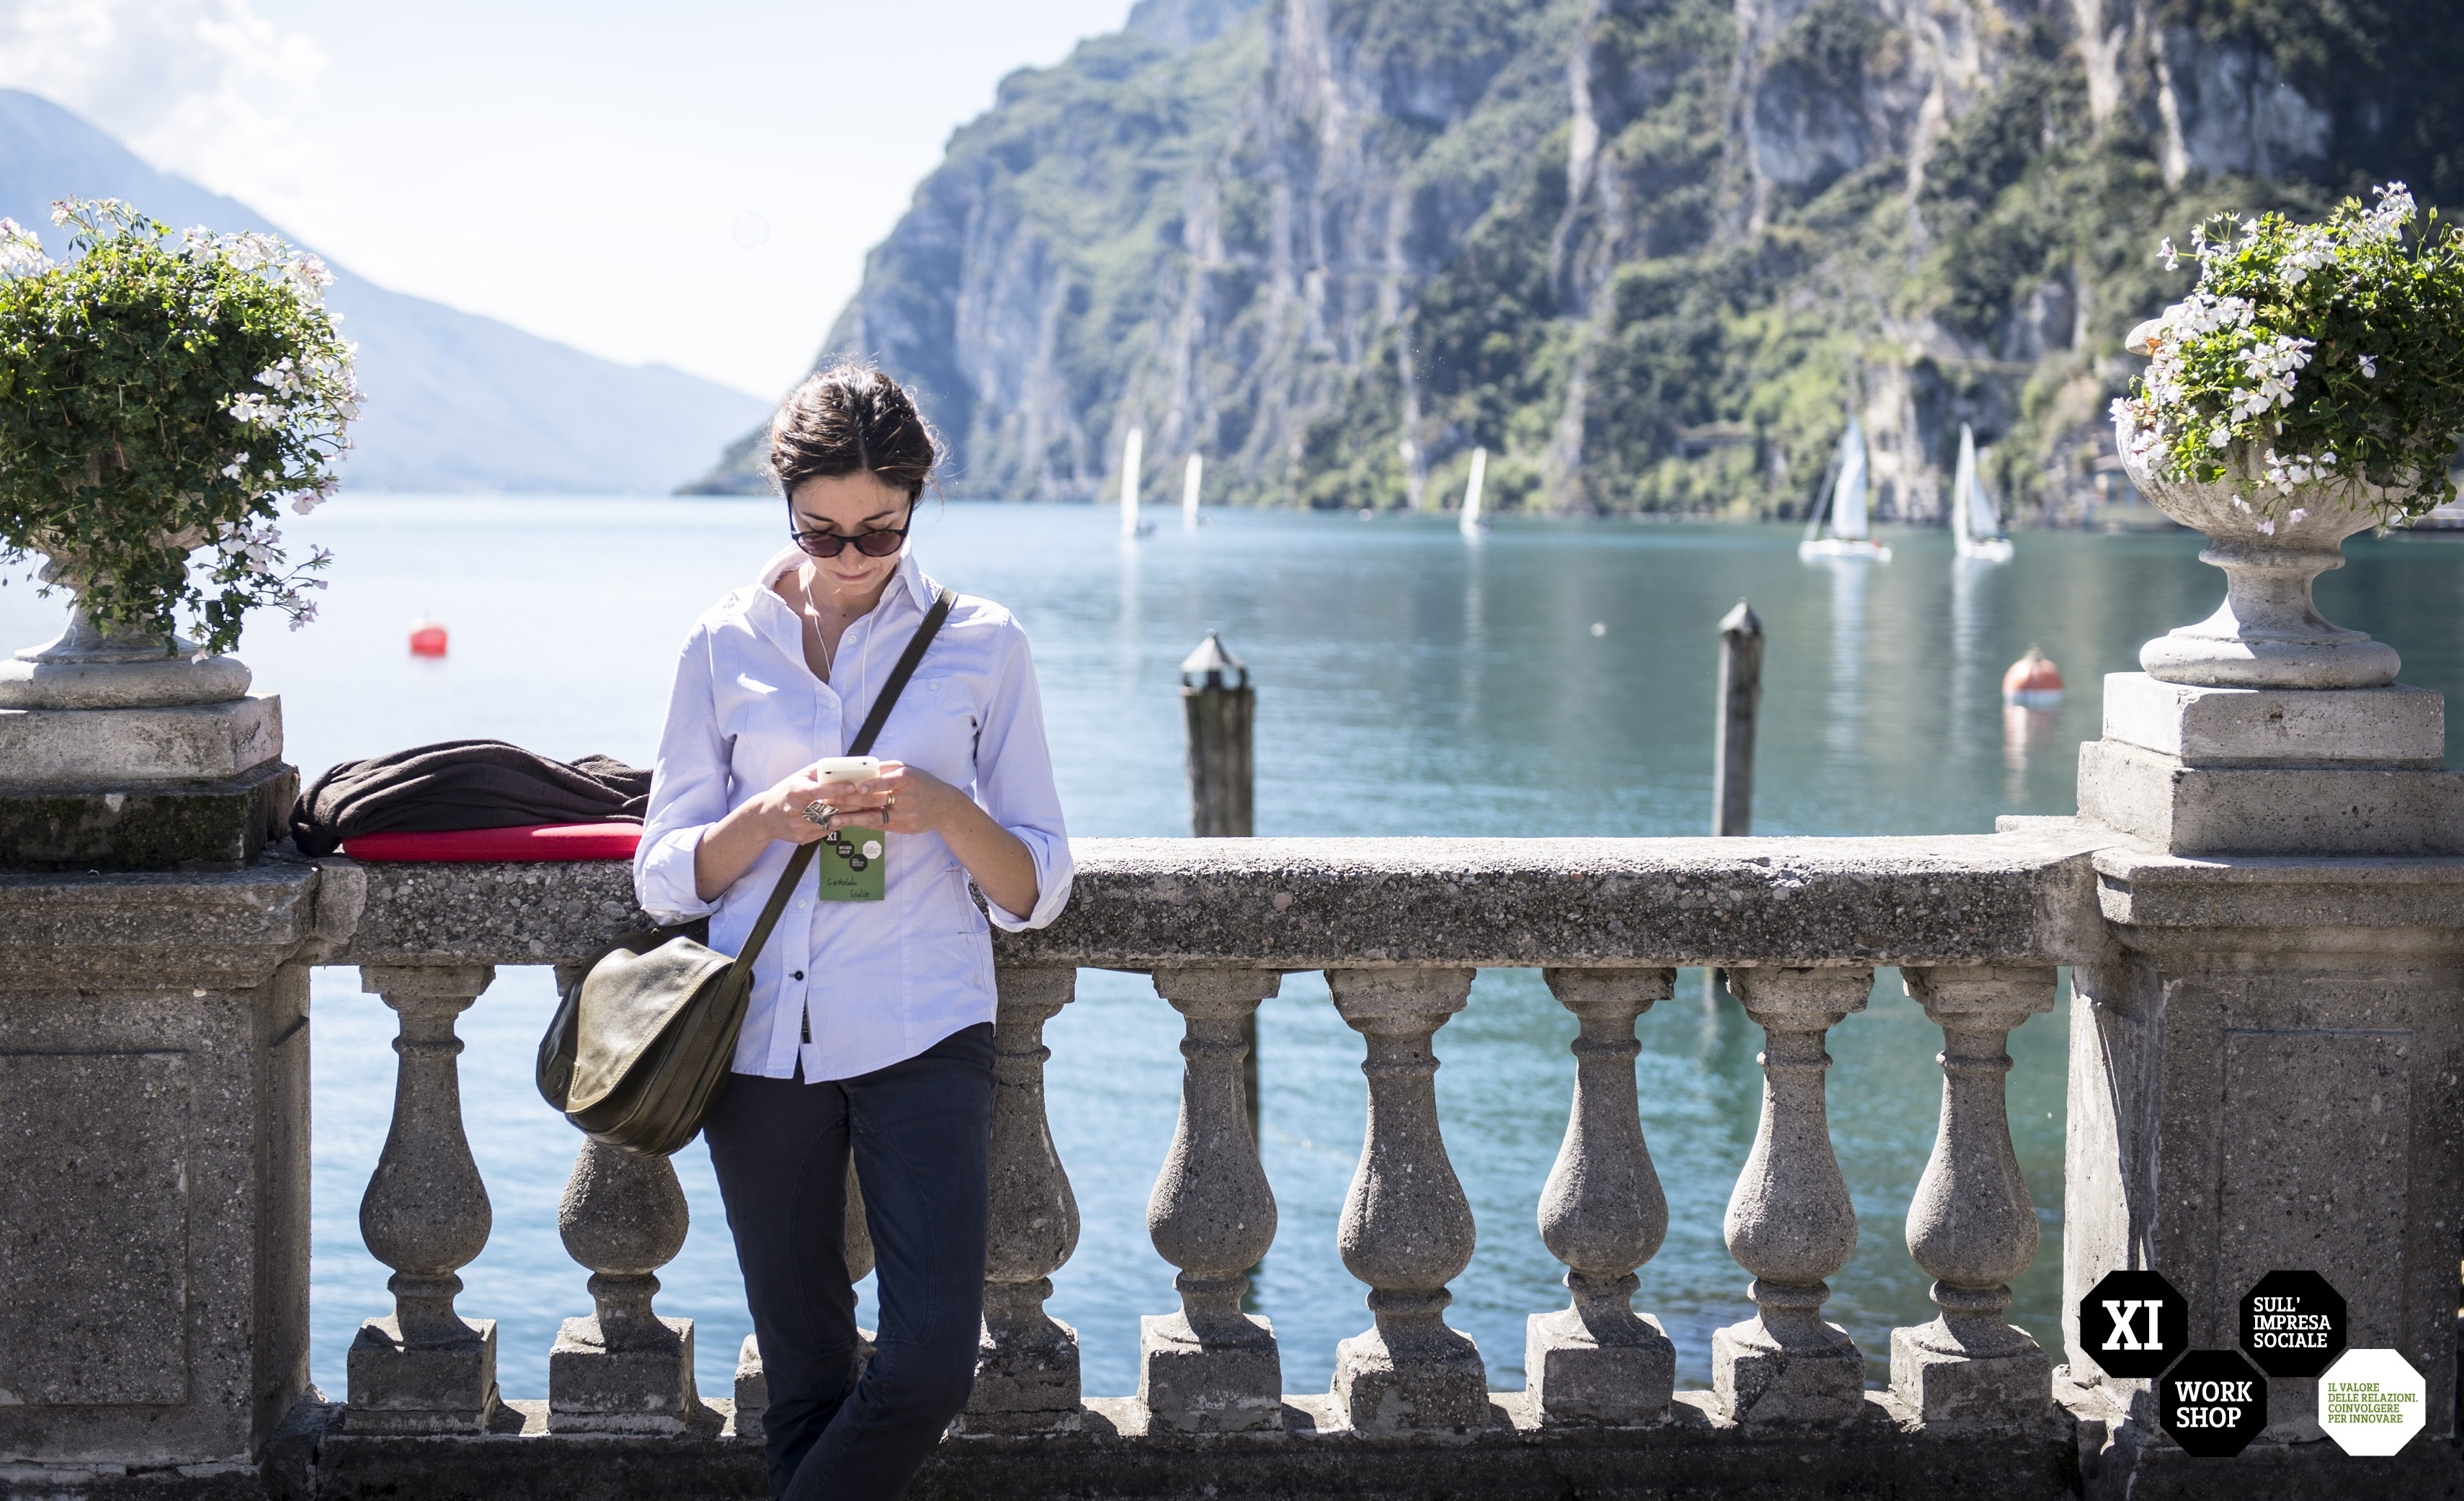 Ufficio Job Guidance Trento Orari : Vuoi fare uno stage universitario a iris network?